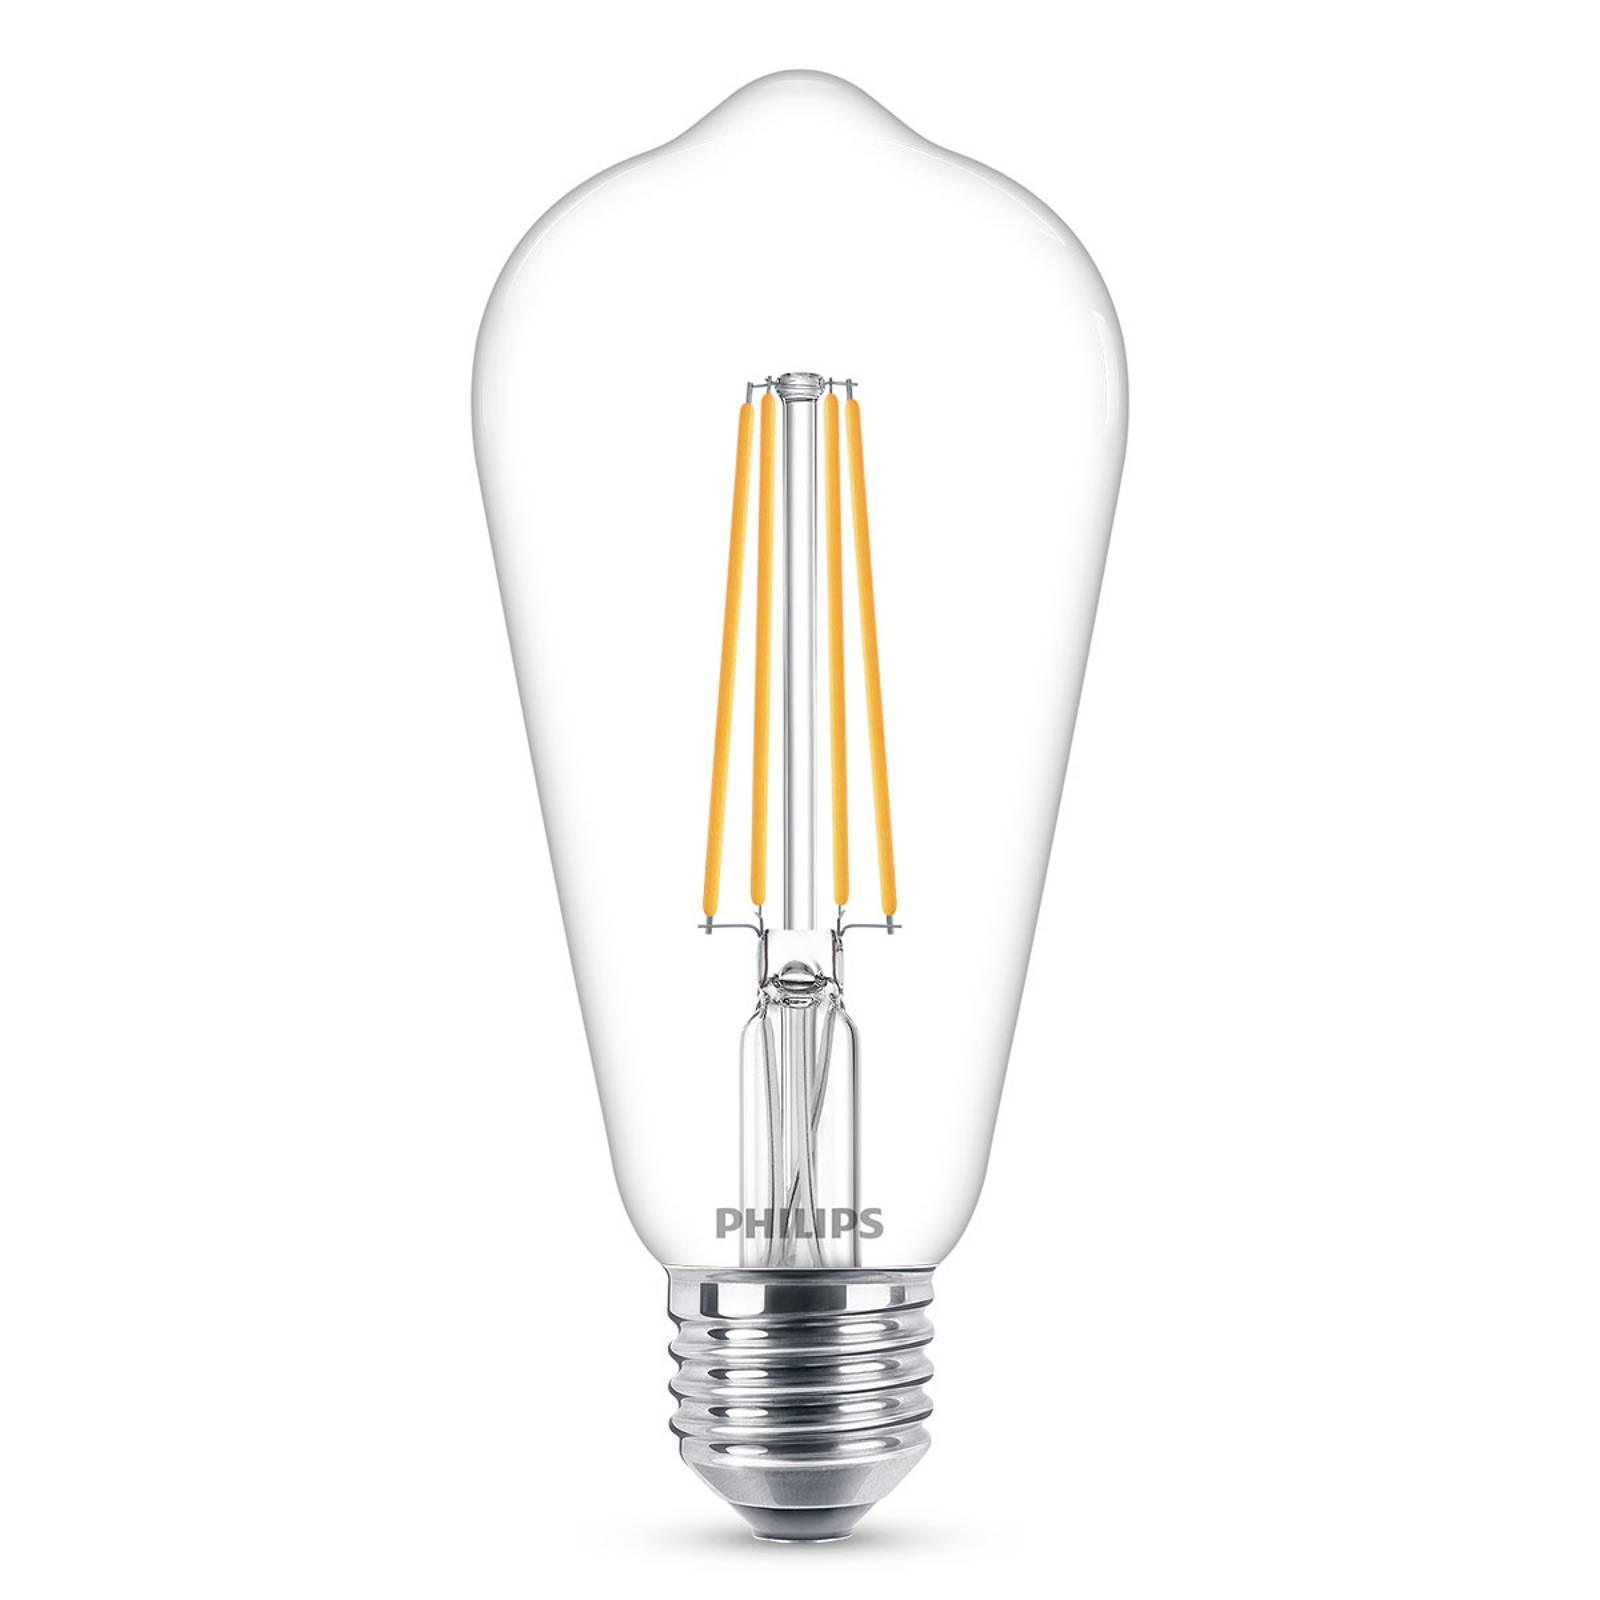 Philips E27 lampadina LED filamenti 4,3W 2.700K